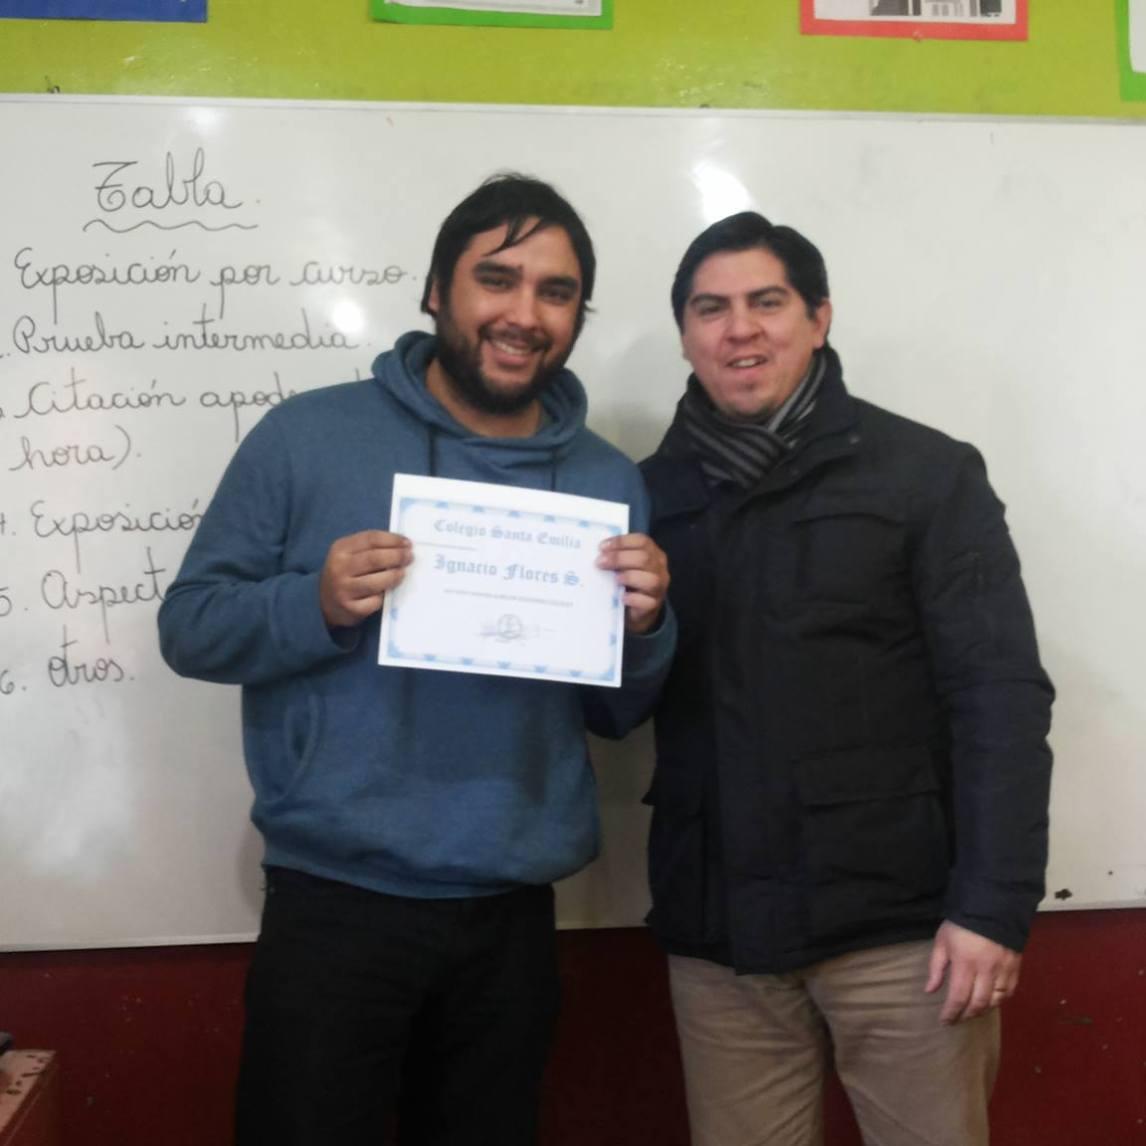 Profesor Ignacio: responsable, discreto y reservado, dedicado a trabajar y potenciar el talento musical de sus alumnos..